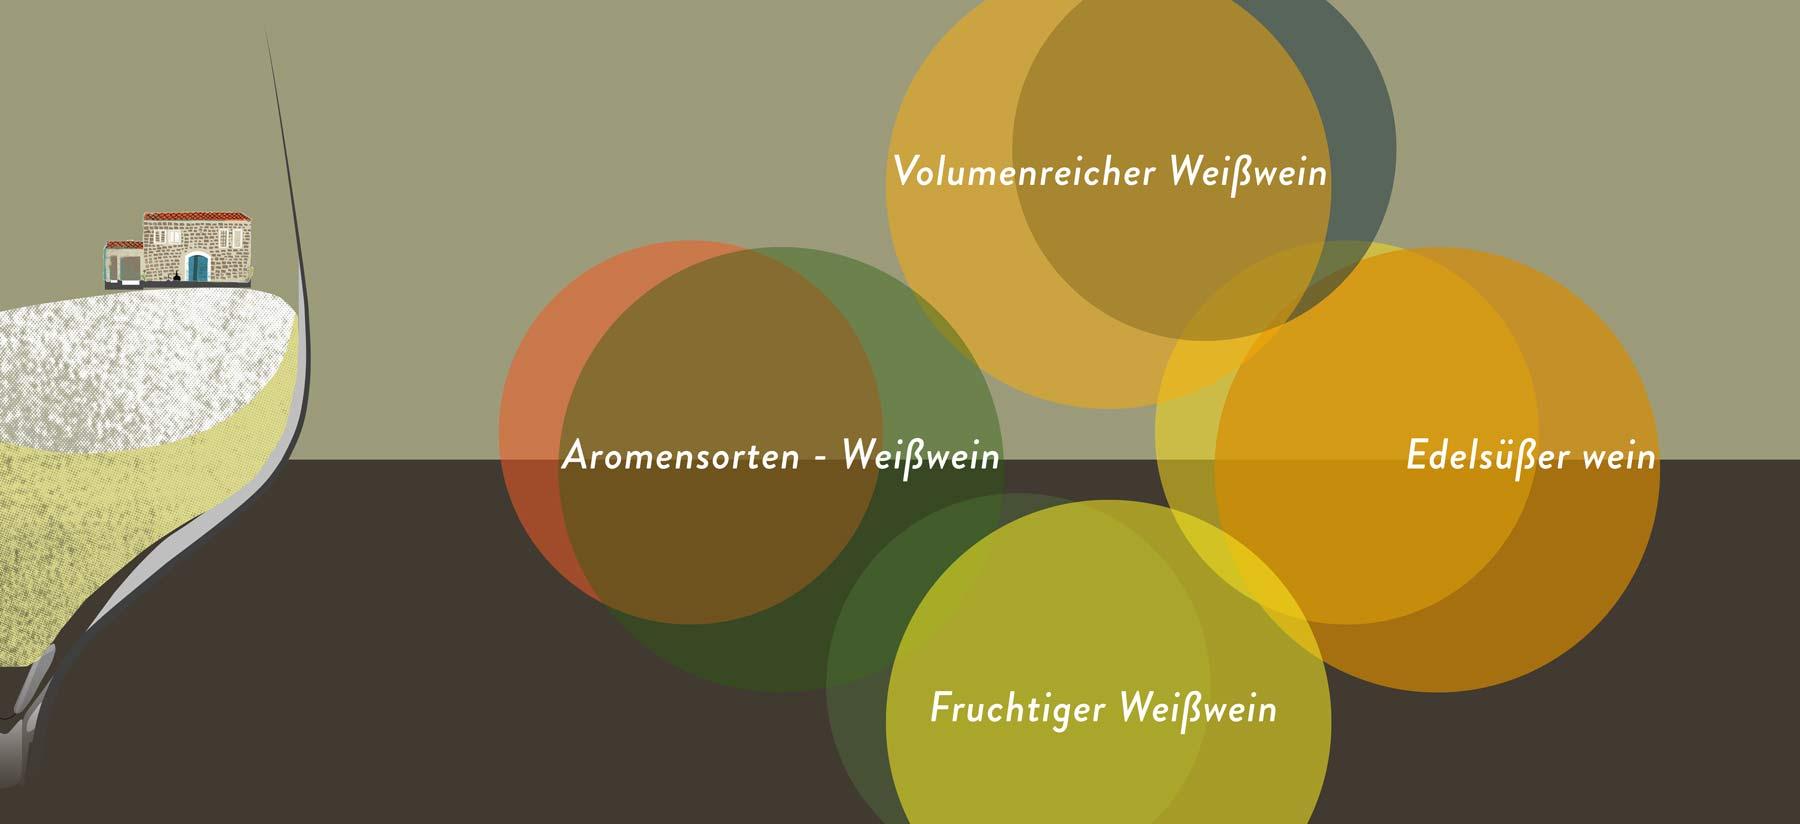 Die Einteilung von Weintypen ist überlappend